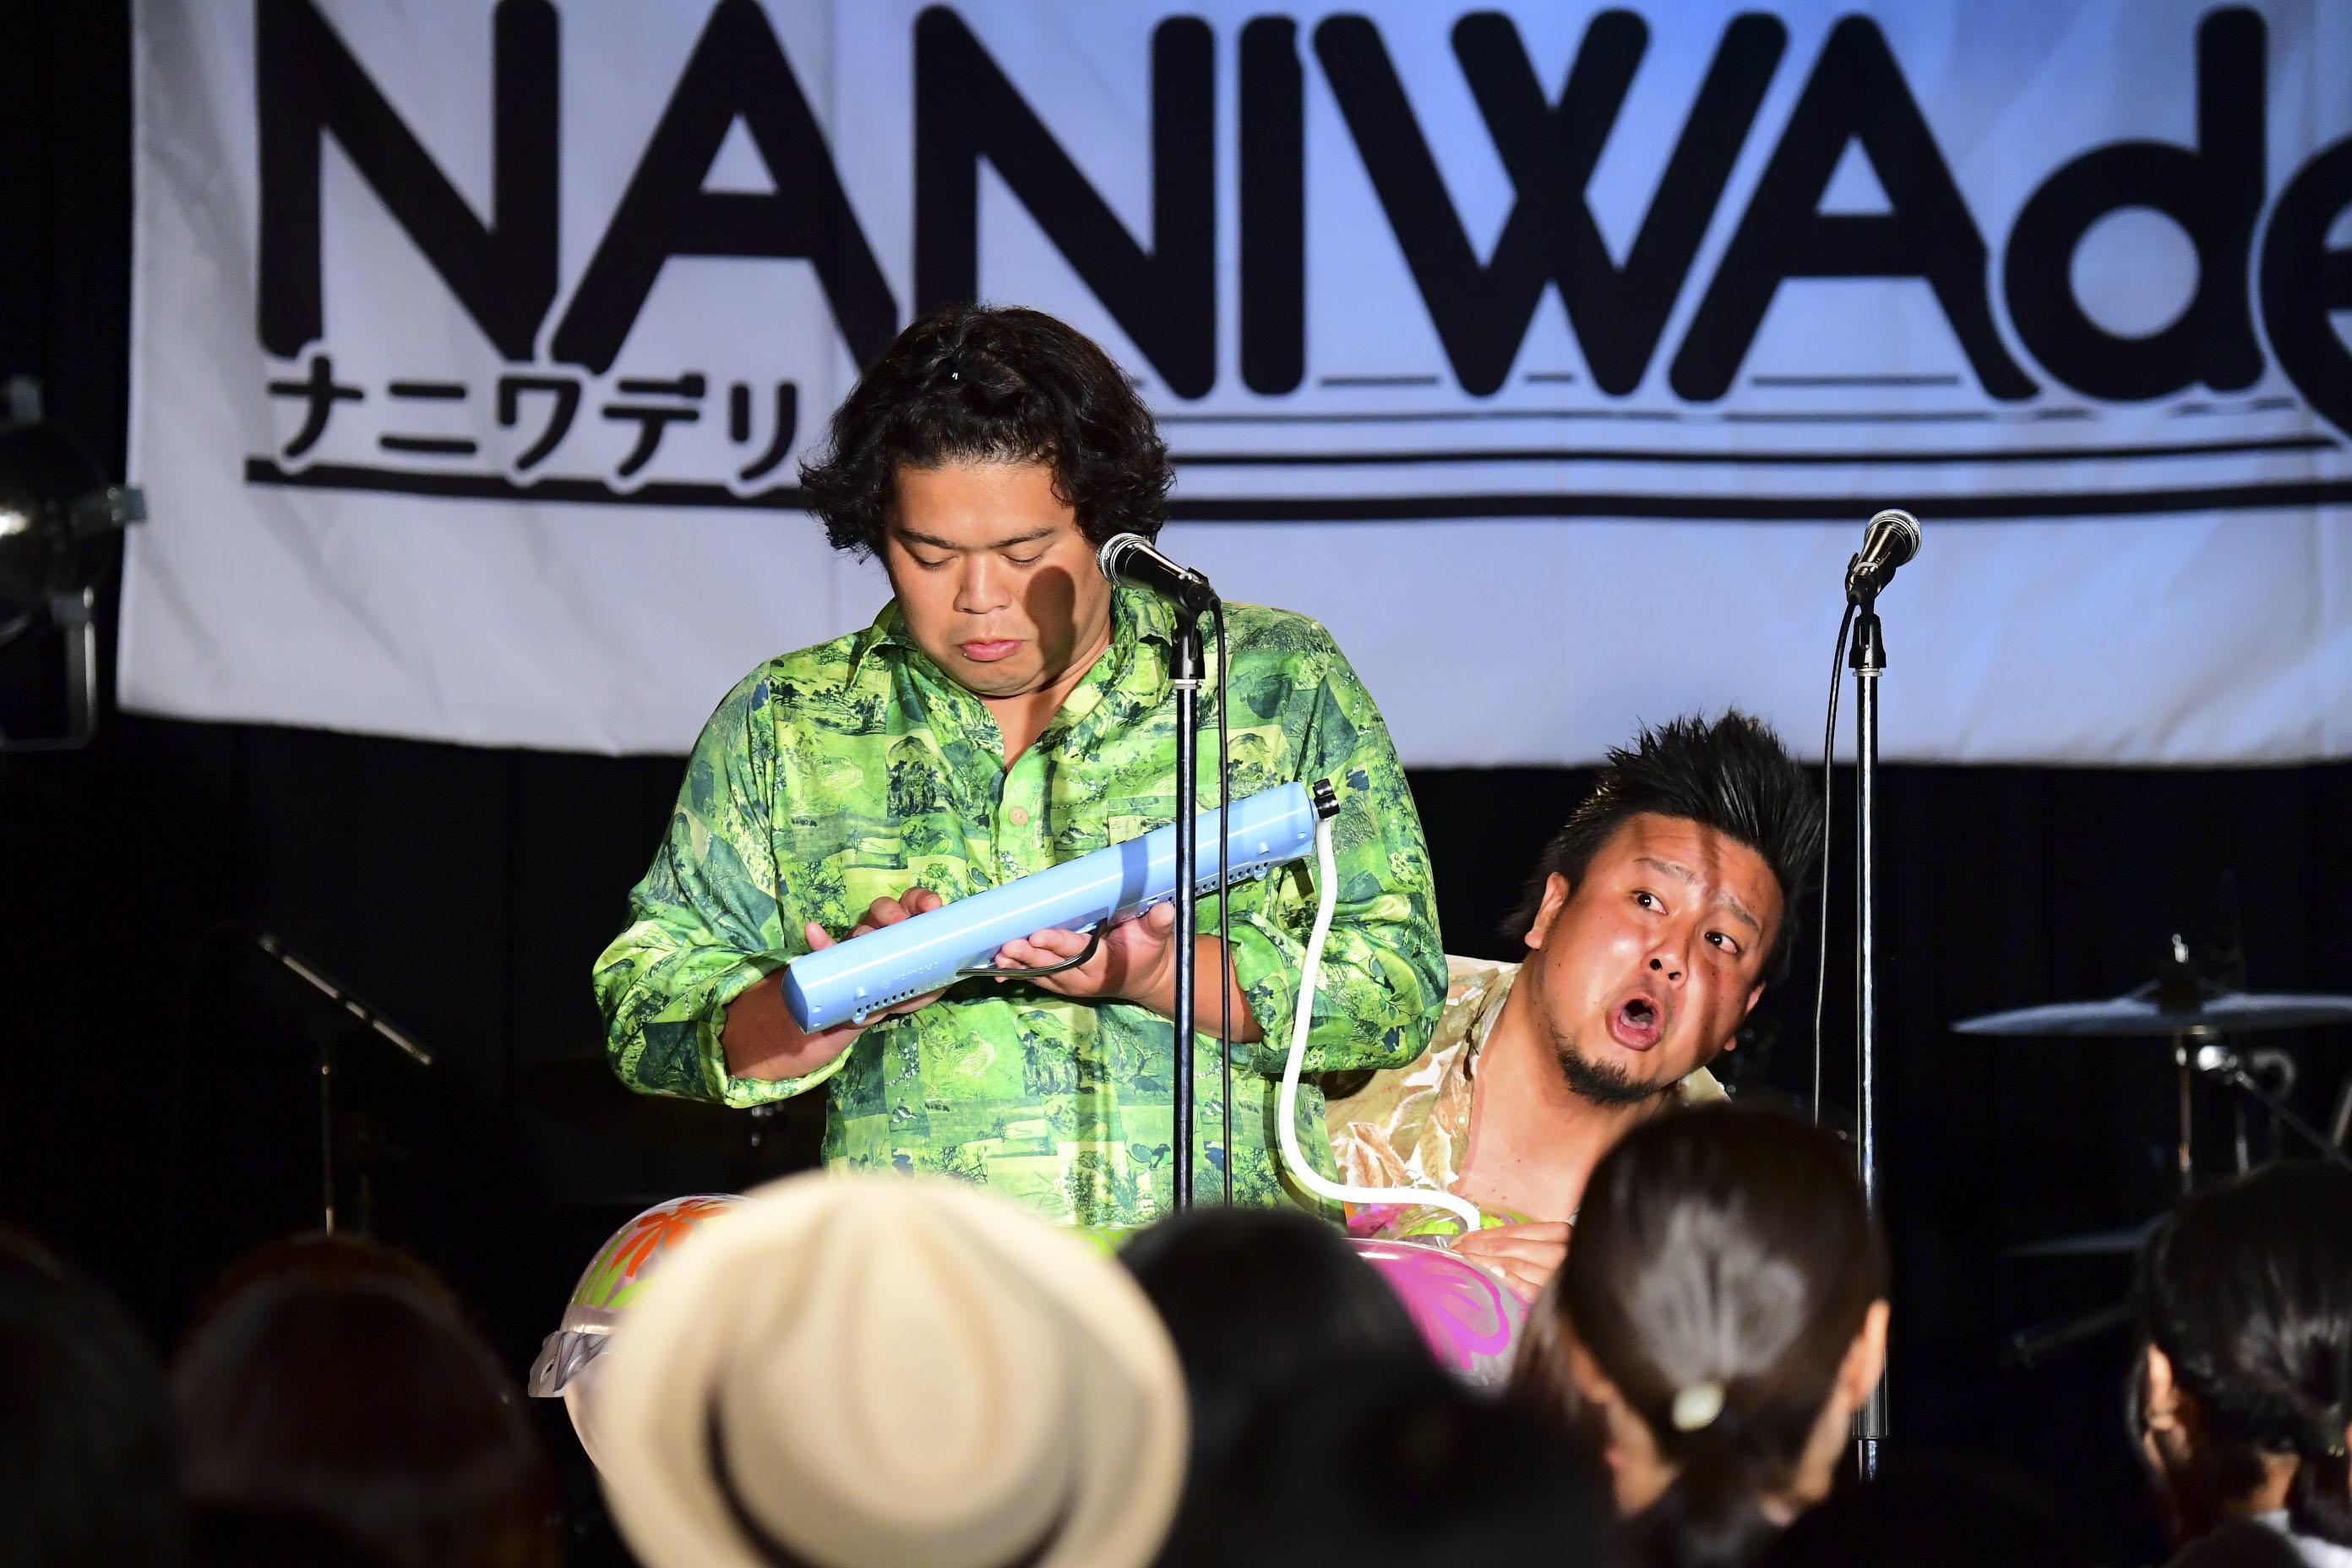 http://news.yoshimoto.co.jp/20170802094122-bd832a746fcc486b79b5c7e3966c244c6144735e.jpg